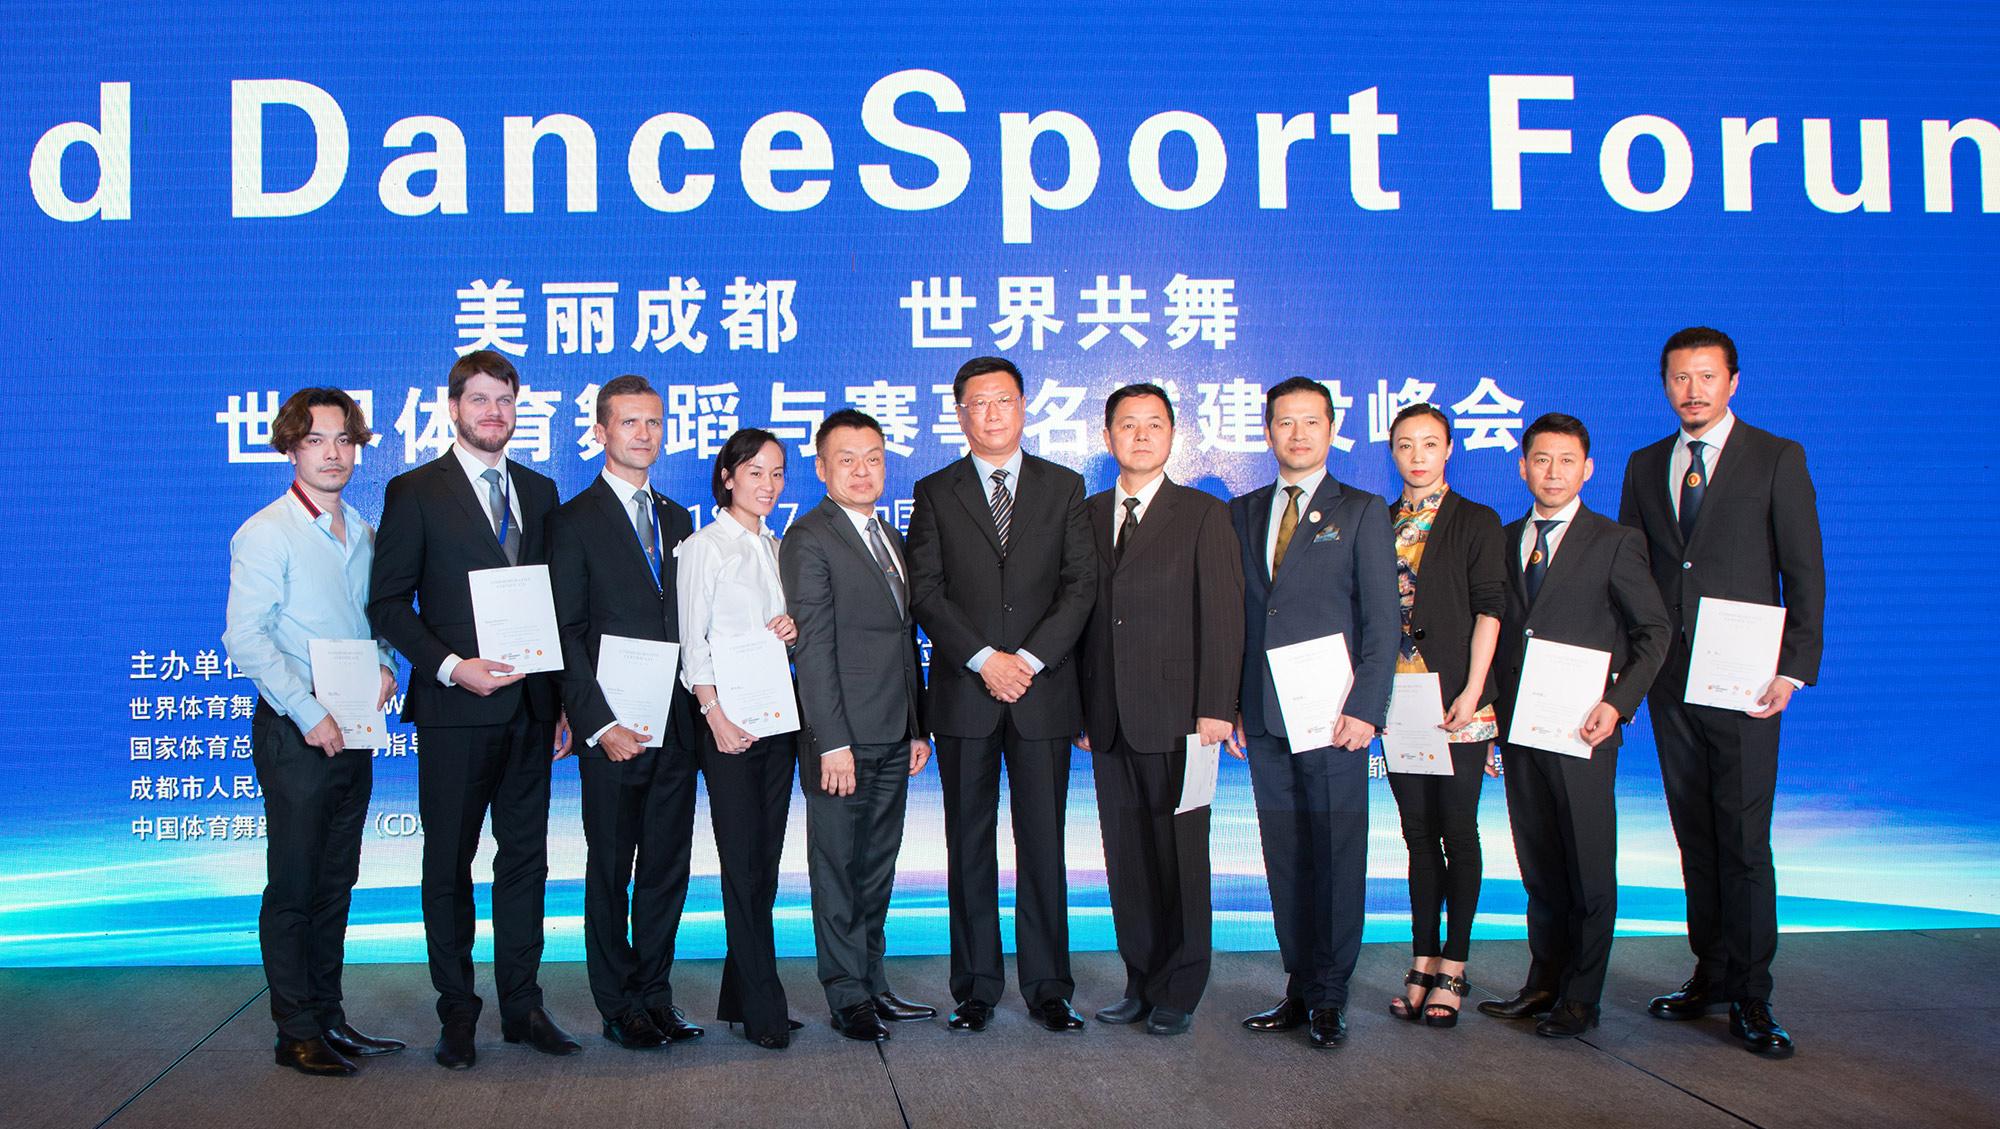 美丽成都 世界共舞——世界体育舞蹈与赛事名城建设峰会顺利召开